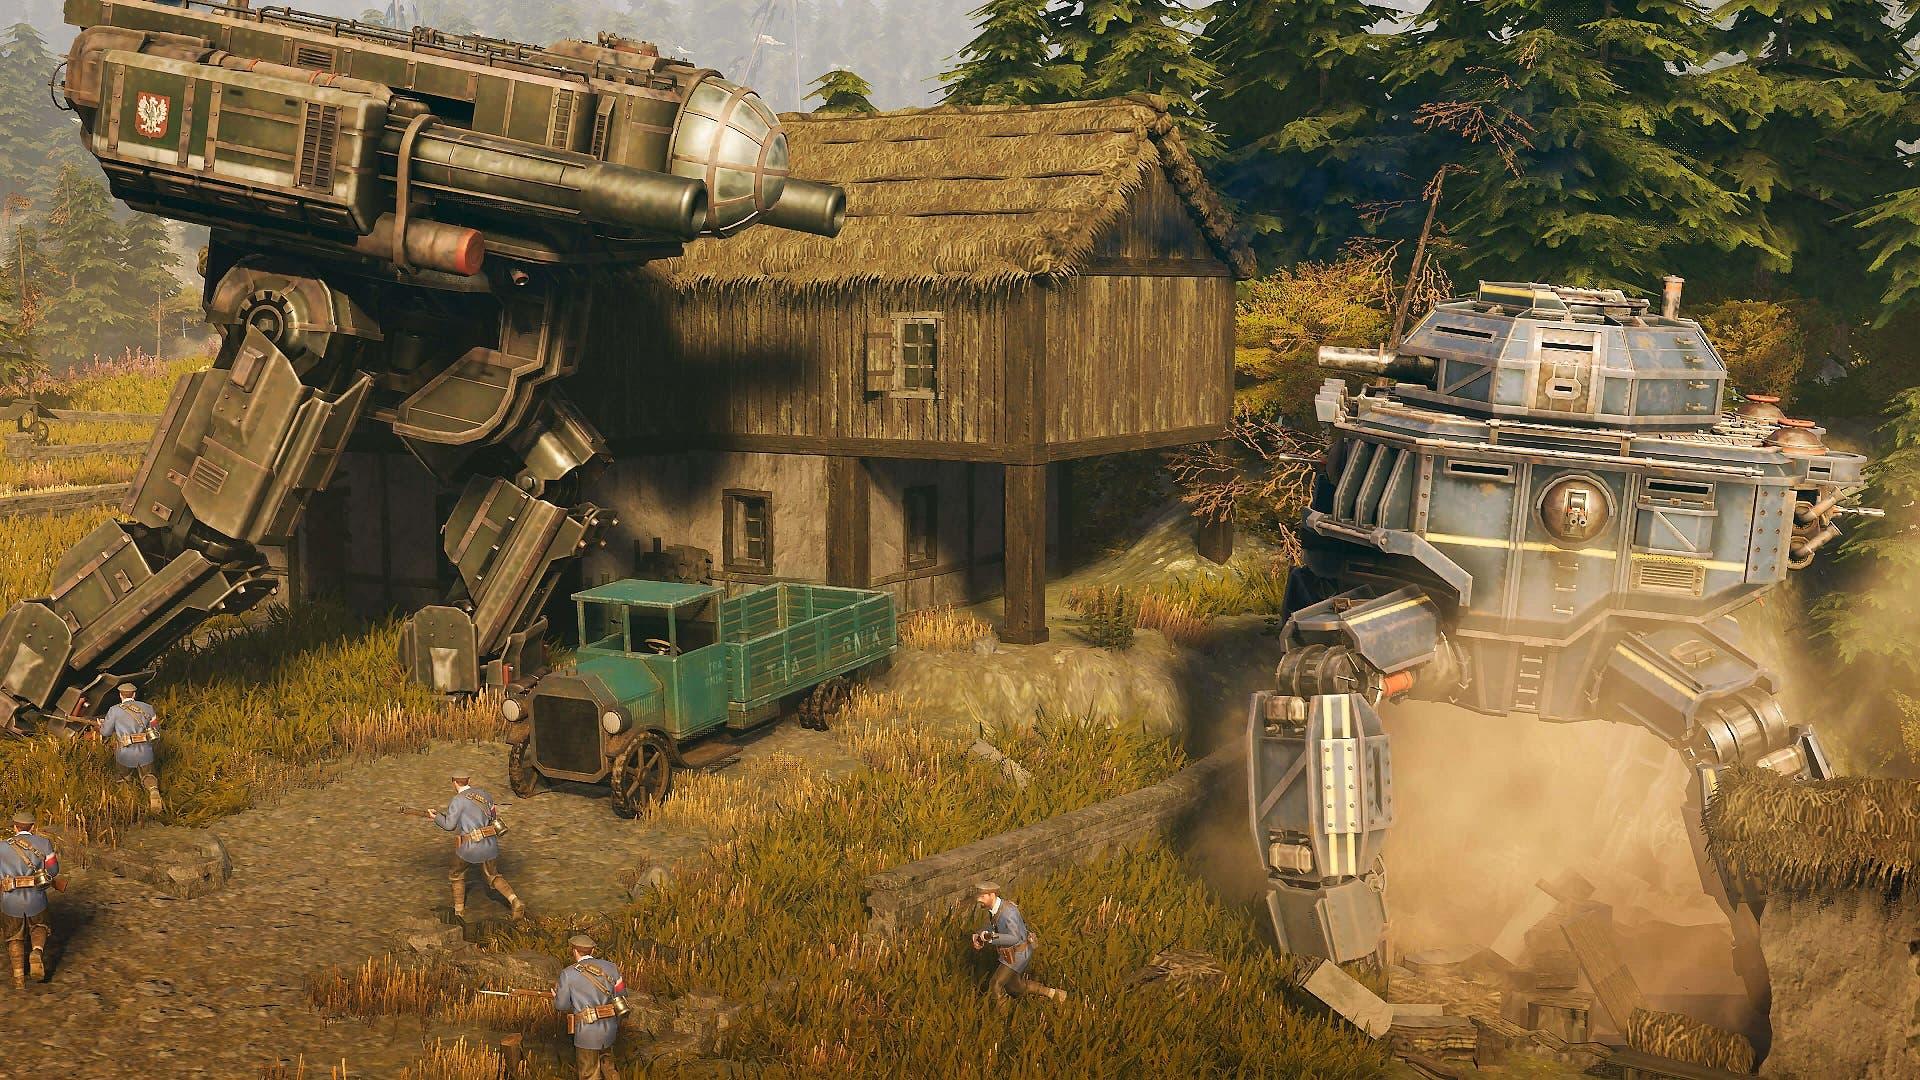 Iron Harvest Célèbre La Gamescom 2020 Avec Une Nouvelle Bande Annonce